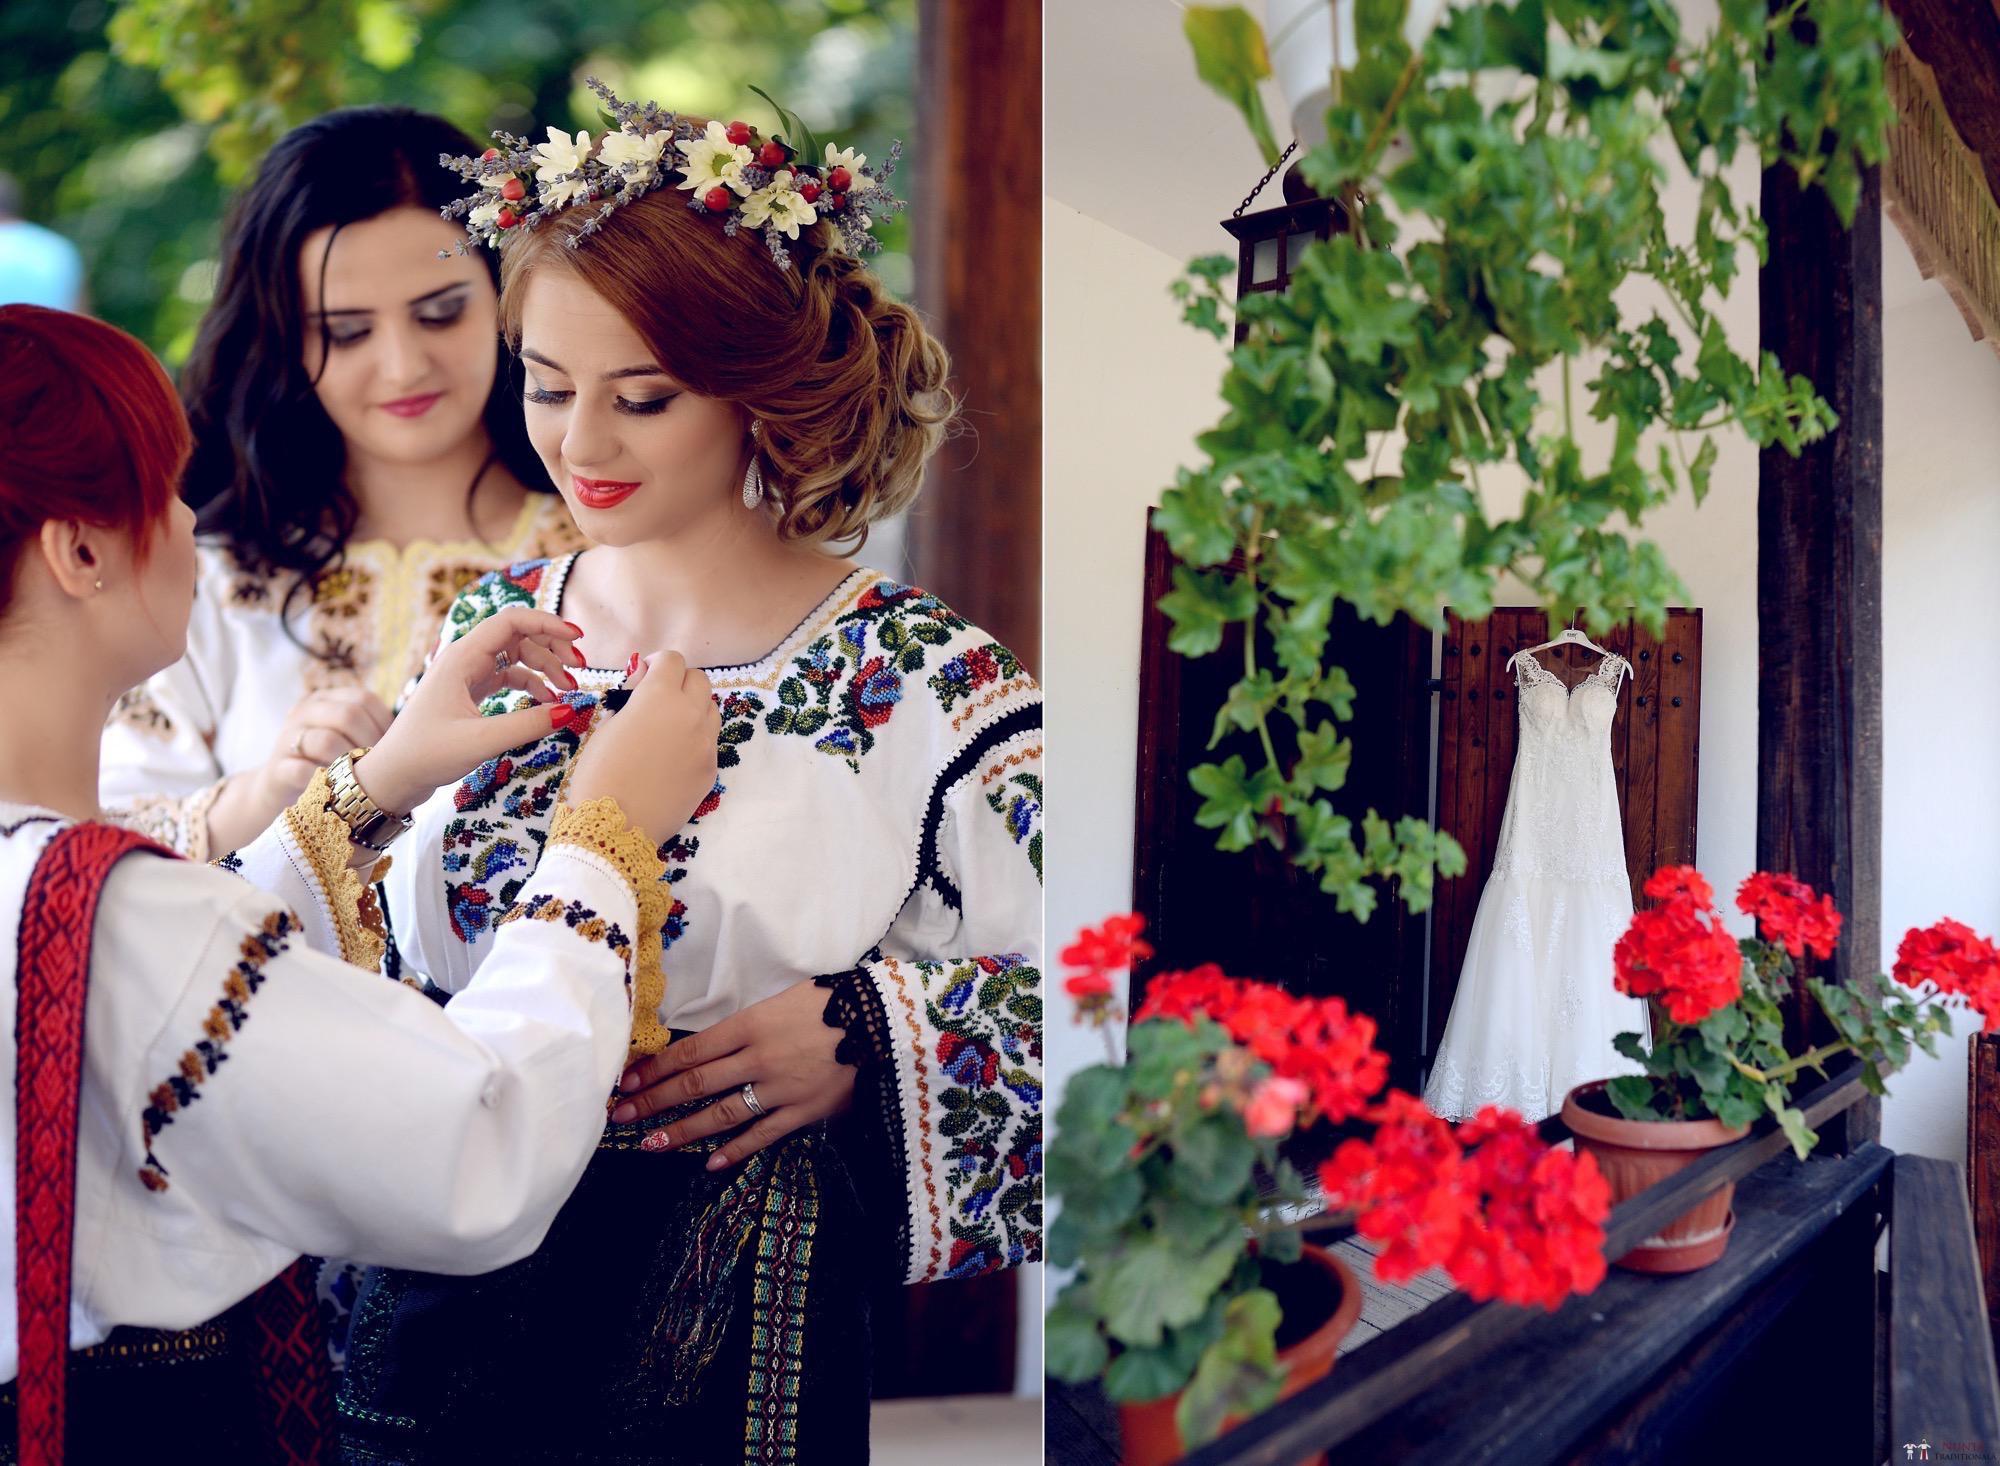 Povești Nunți Tradiționale - Iulia și Andrei. Nuntă tradițională în Bucovina. 1